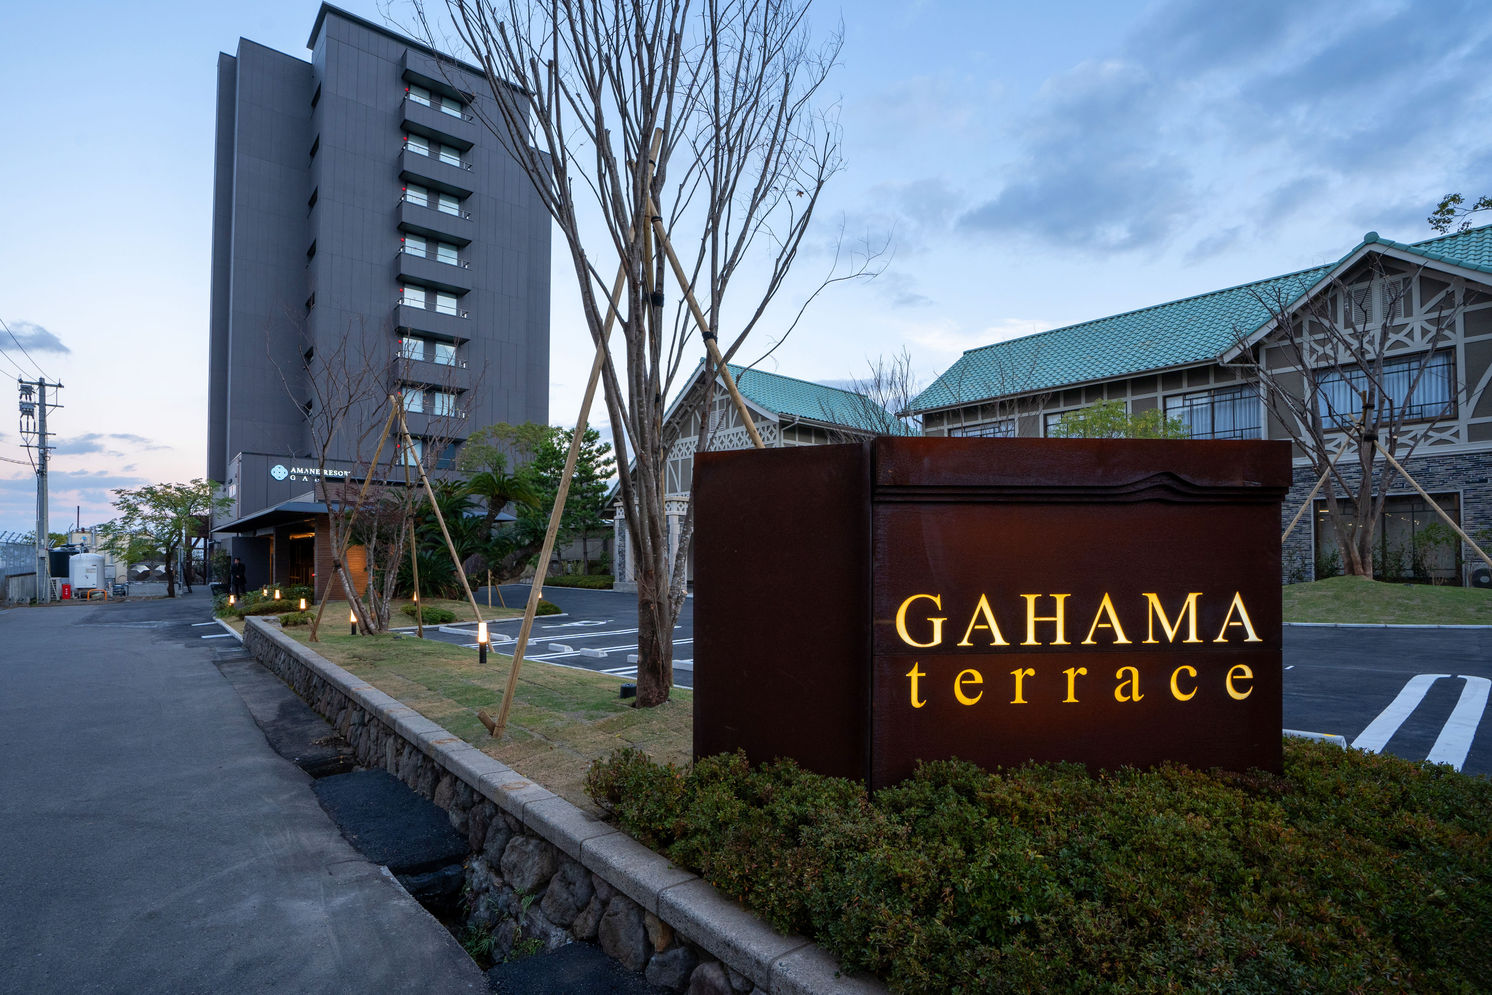 GAHAMA terrace / ガハマ テラス